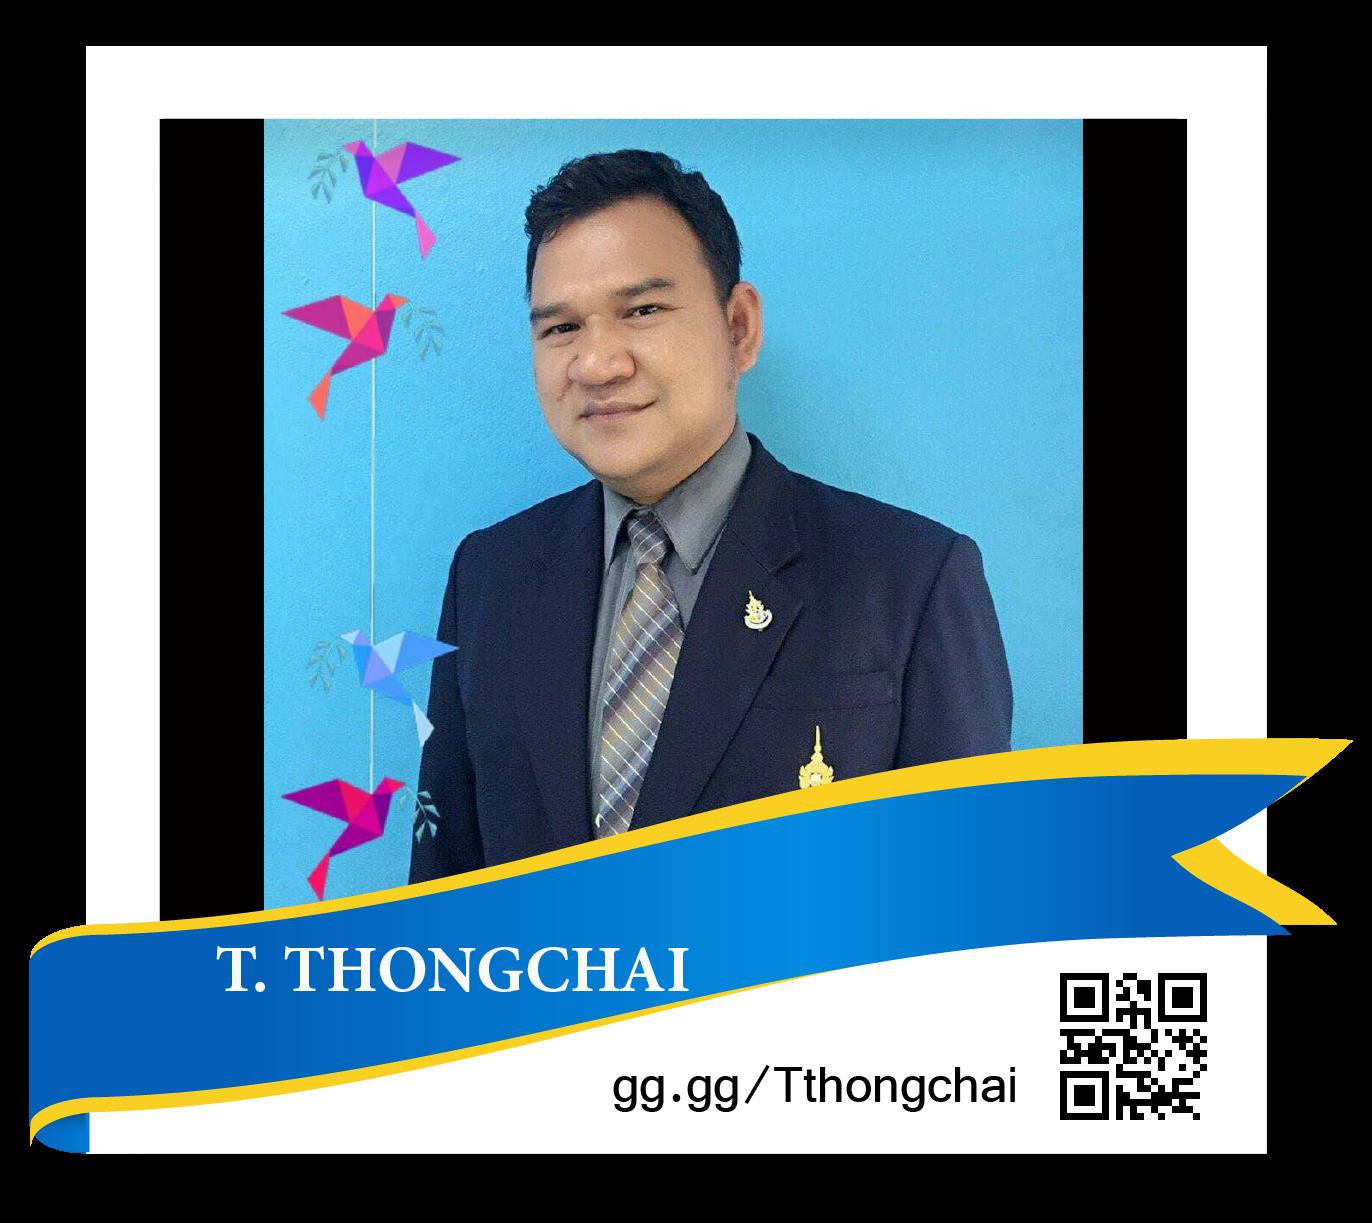 https://gg.gg/Tthongchai